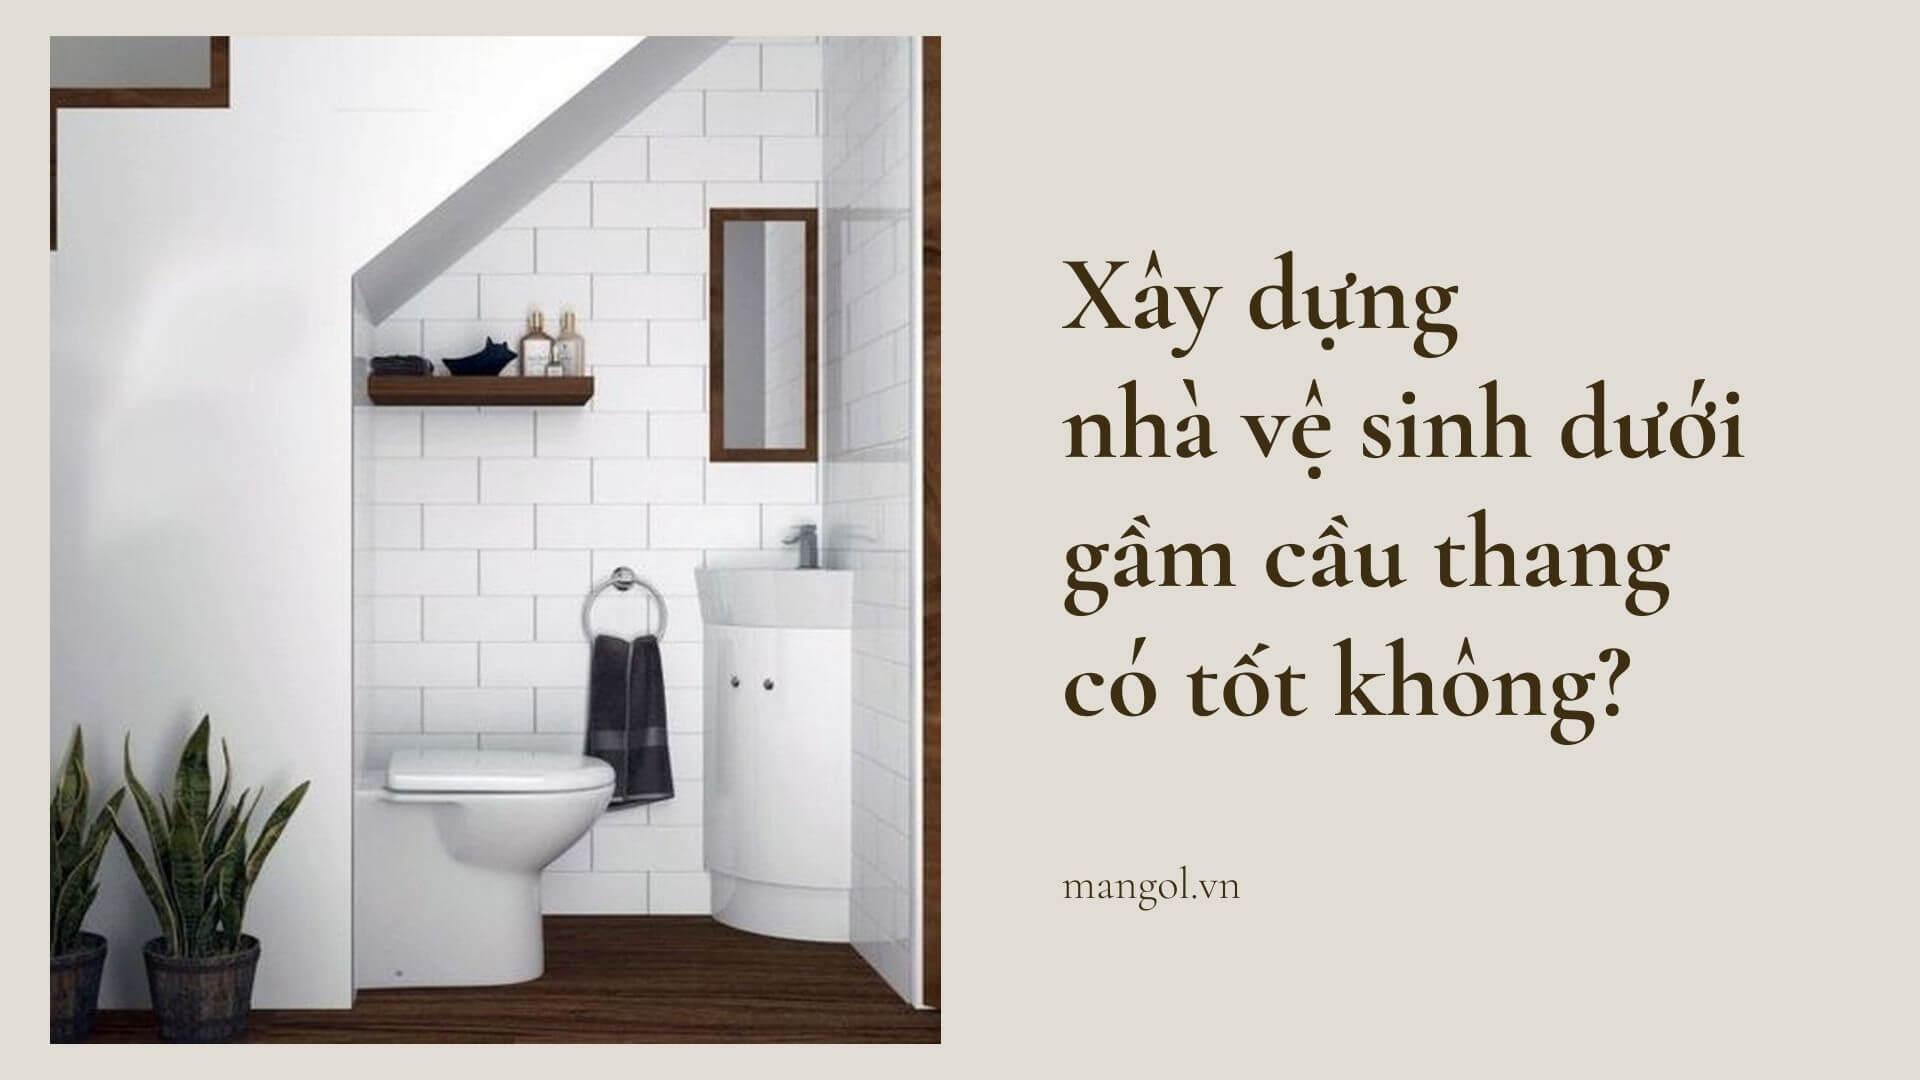 Xây nhà vệ sinh dưới gầm cầu thang có tốt không?